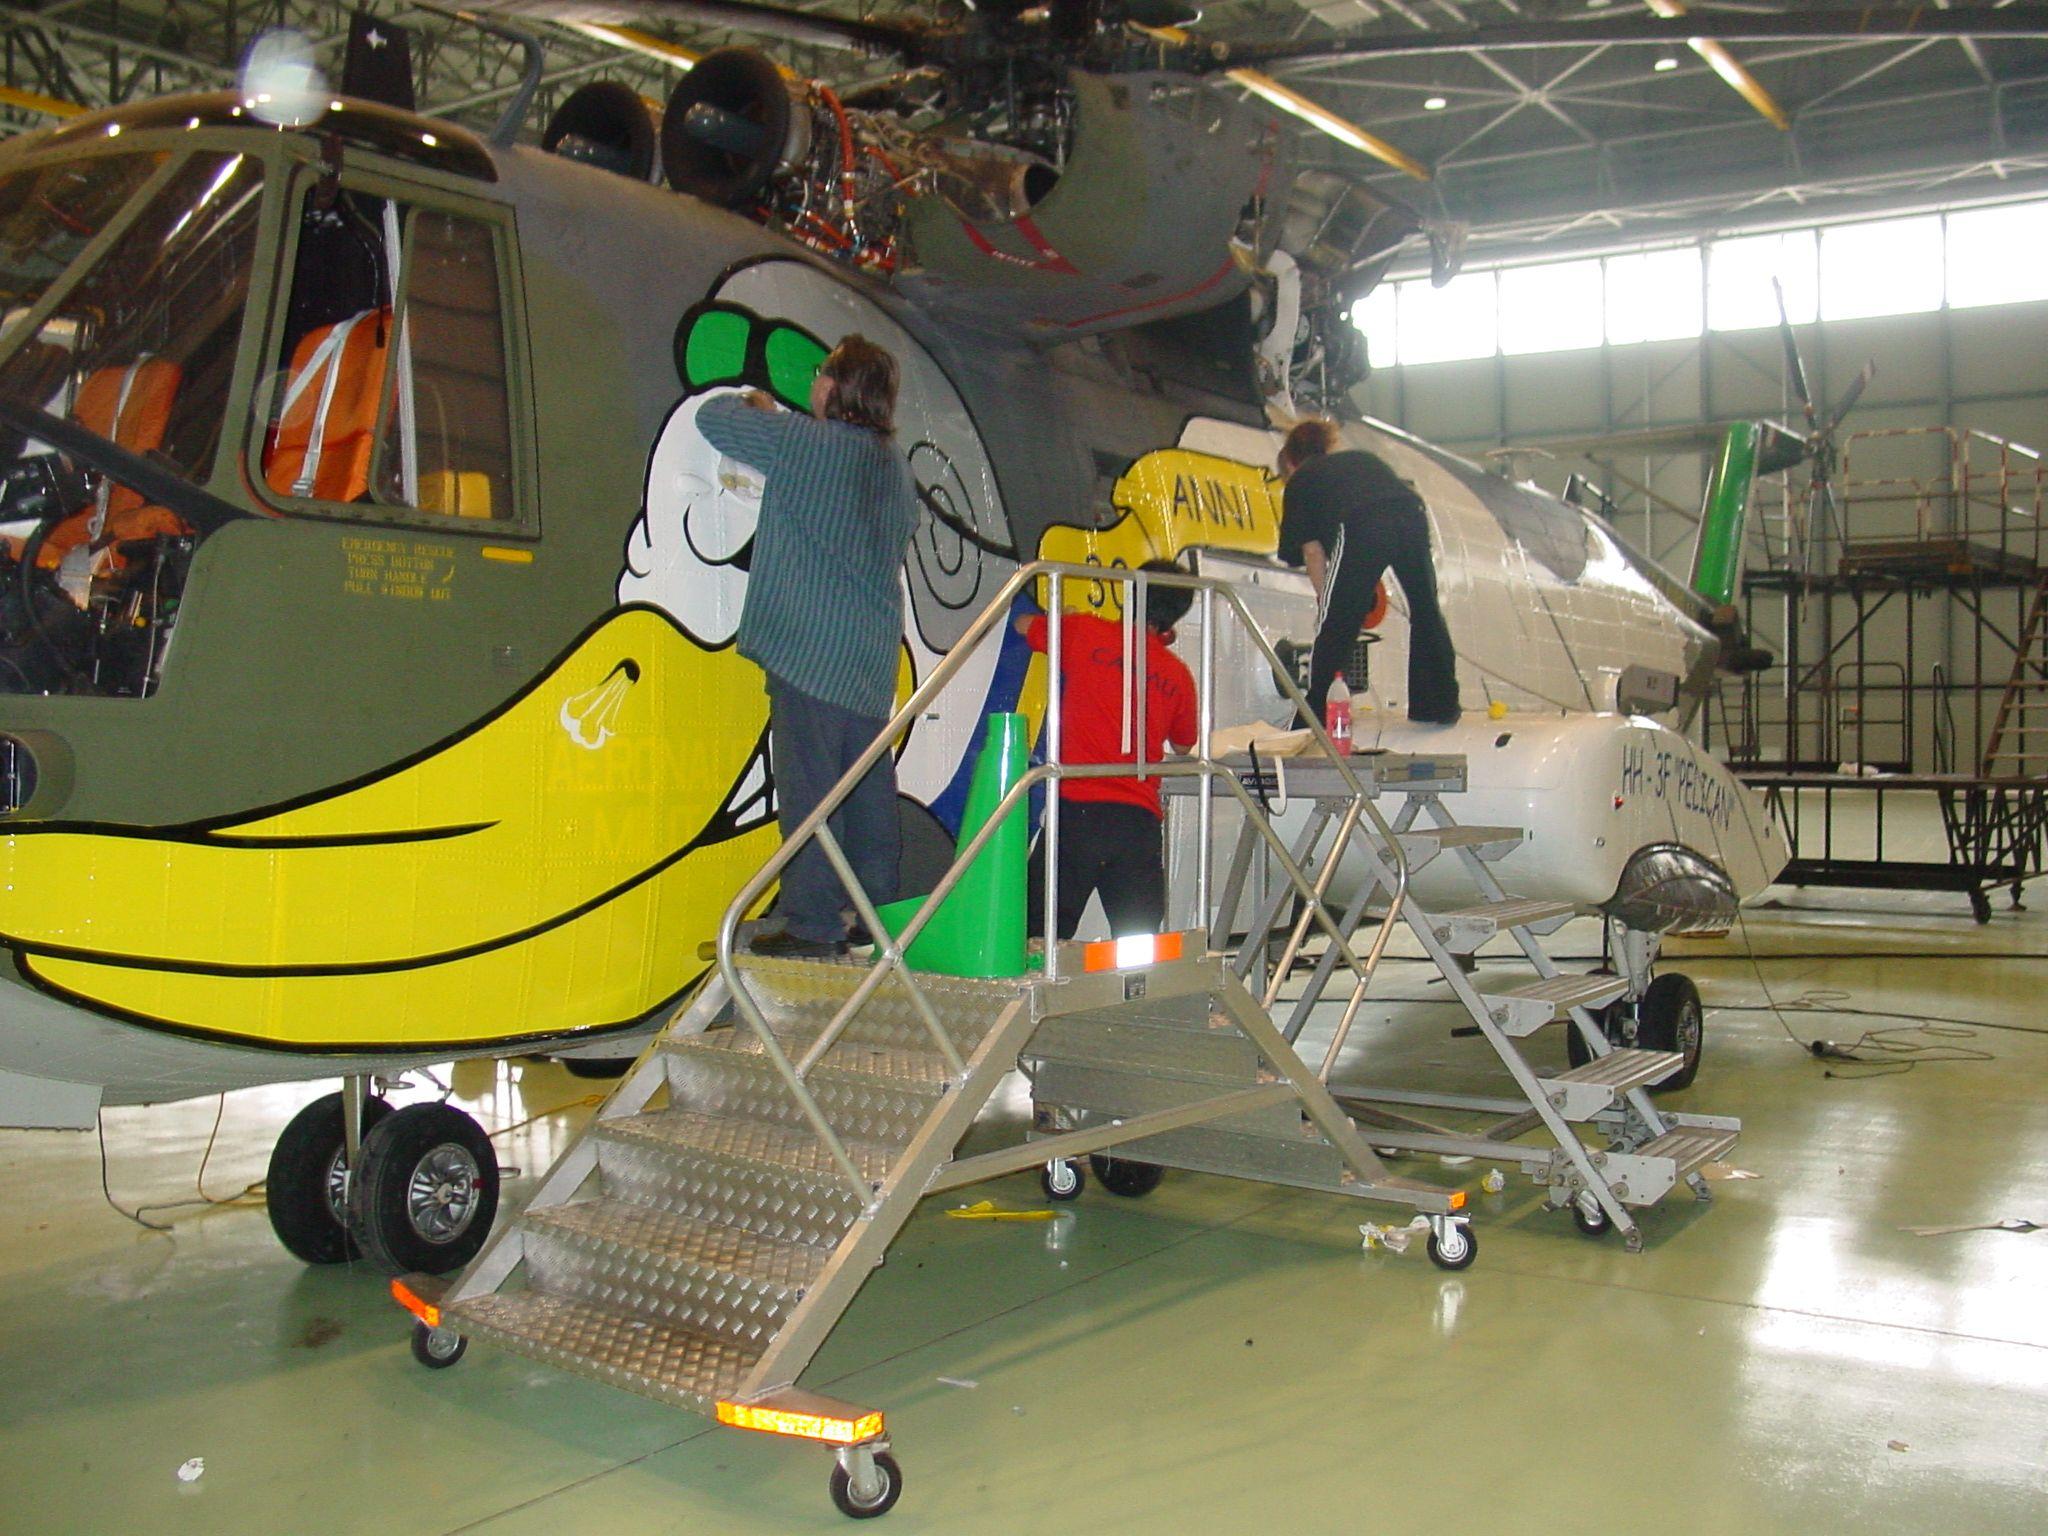 Un Elicottero : Decoriamo un elicottero hh f pelican wallstickers stickers e